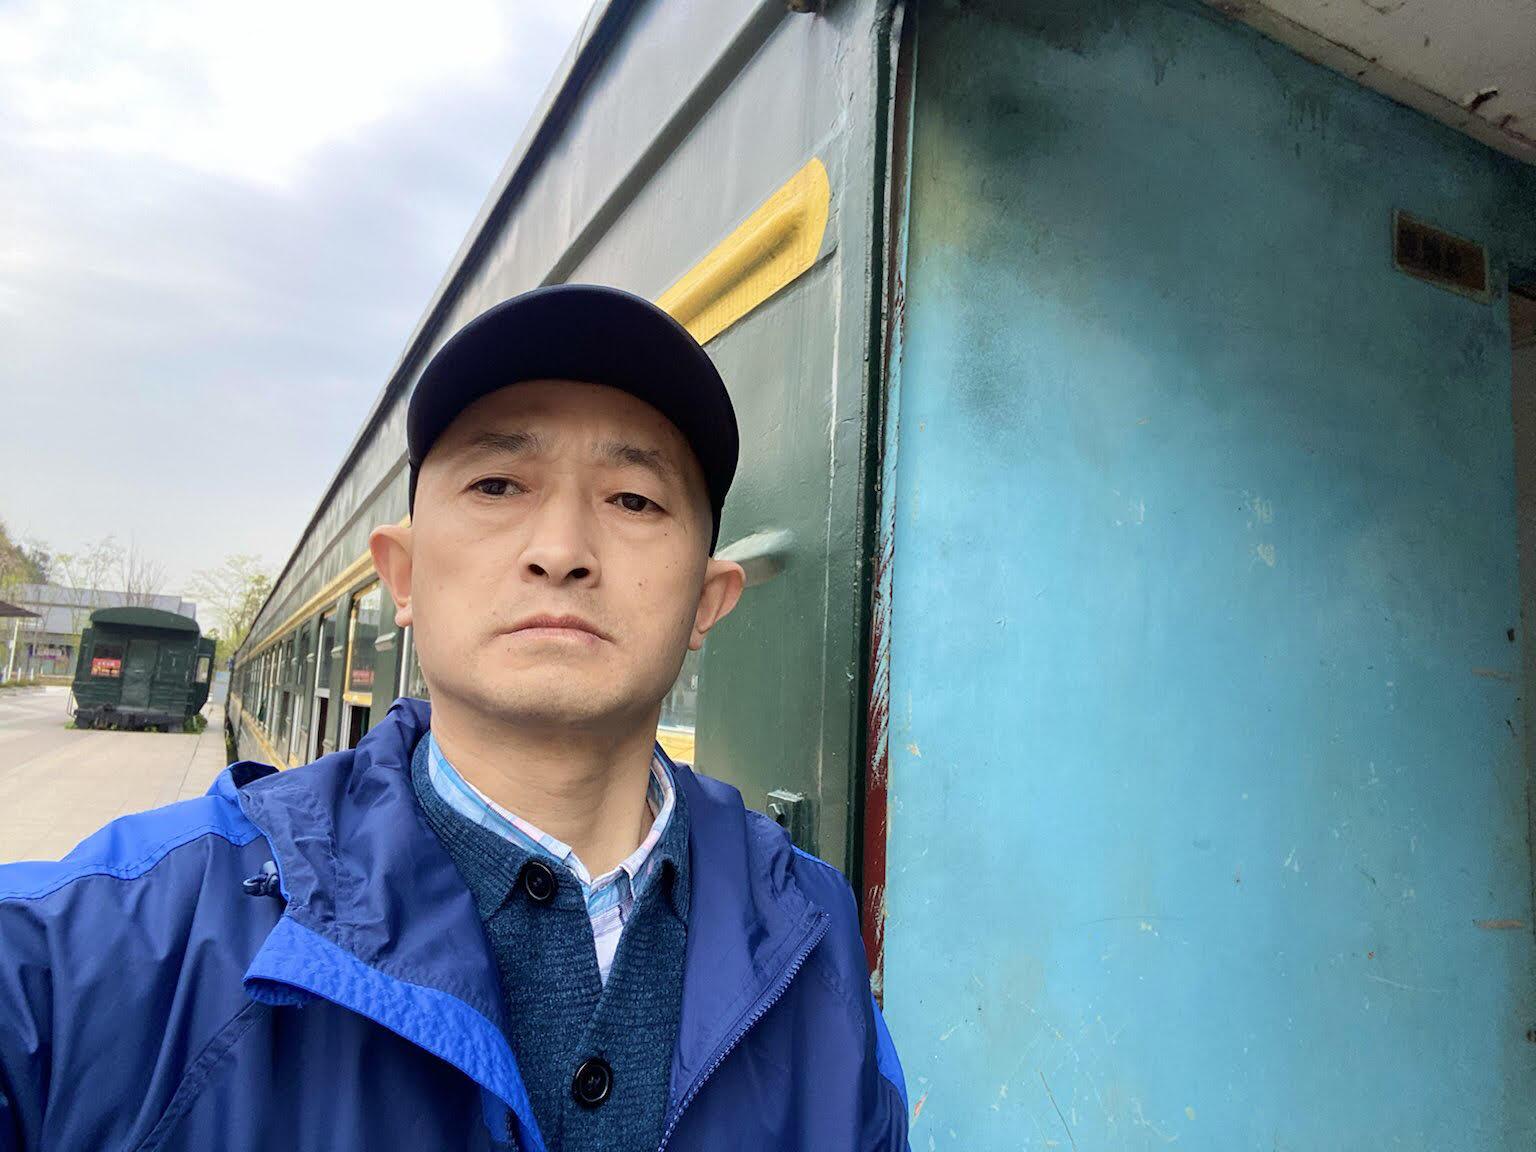 武漢肺炎受害者家屬張海。(志願者提供/記者喬龍)